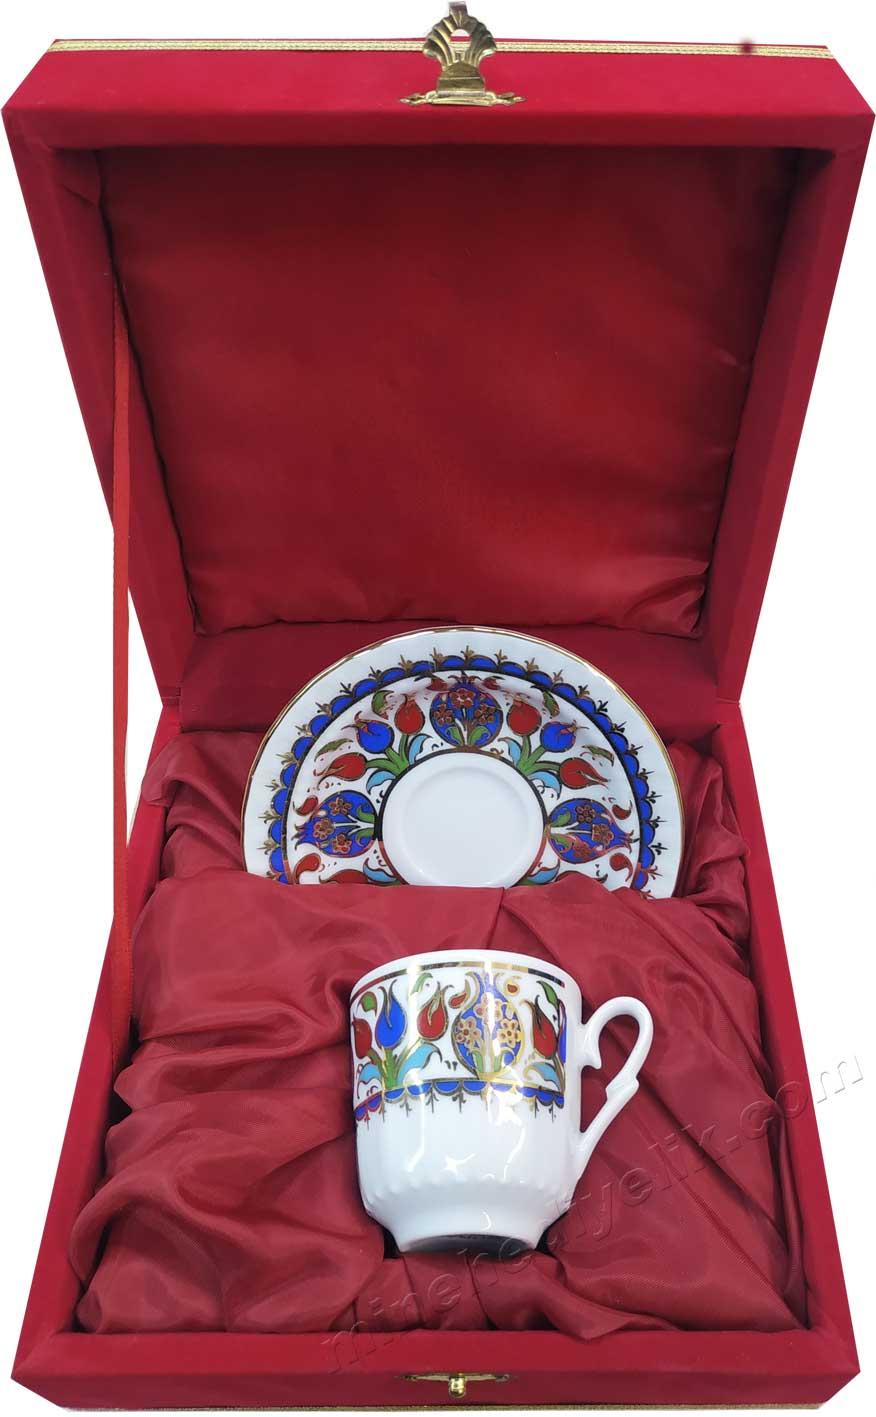 Kadife Kutulu Tekli Kahve Takımı bir kişilik kahve seti Hediyelik Kurumsal promosyon ürünleri Bir kişilik Kutulu Dekoratif Türk Kahvesi Fincan Setleri